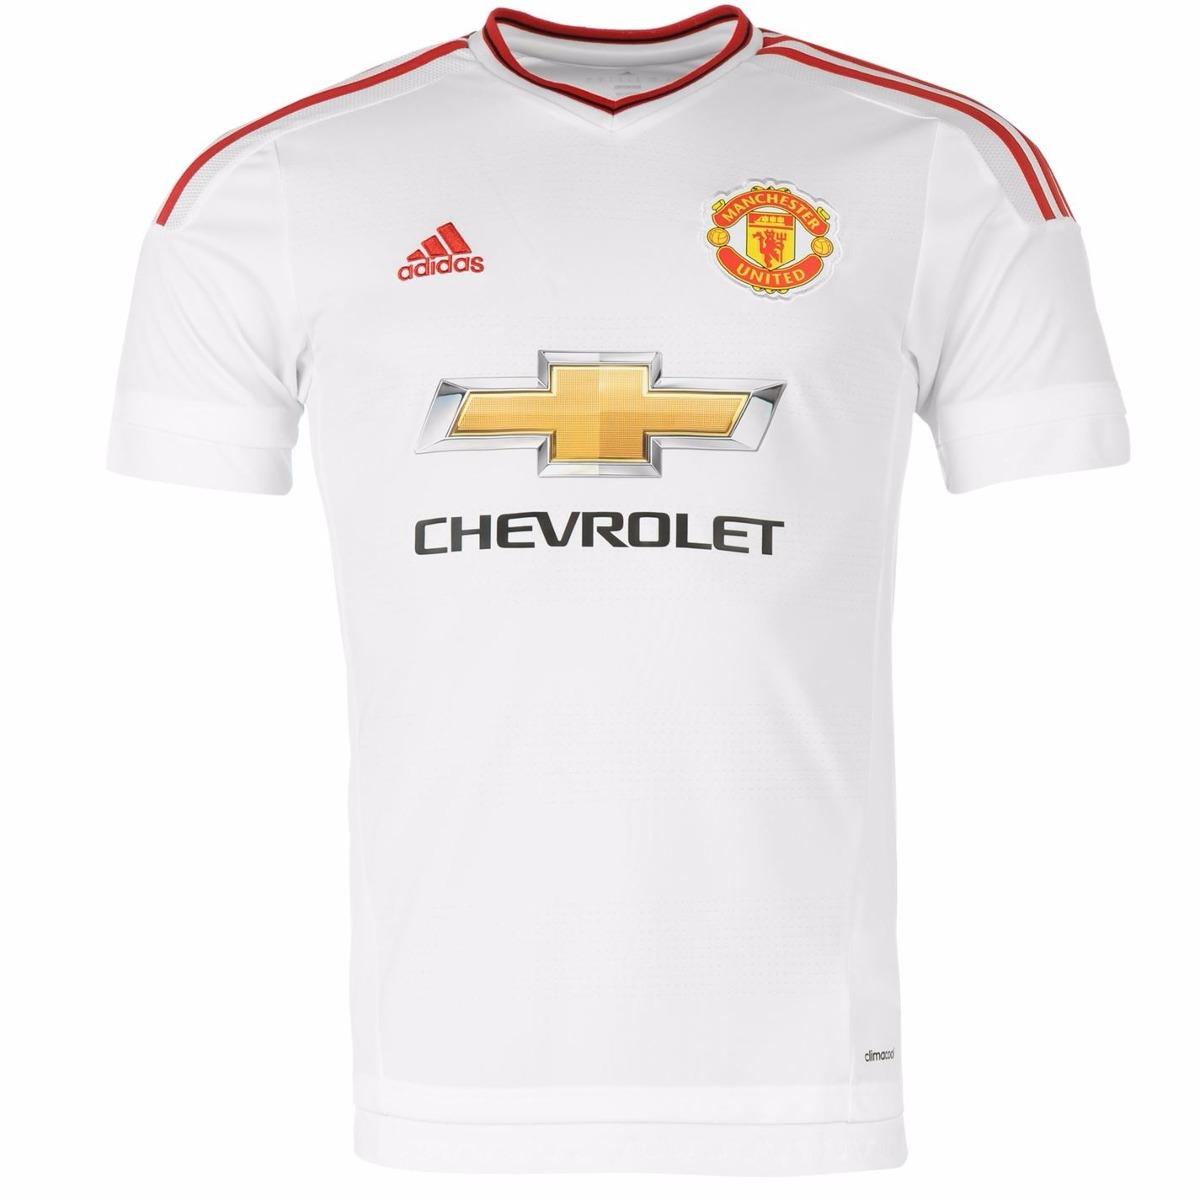 20bf78cdf75c1 camiseta del manchester united (alternativa 2015-16) x l. Cargando zoom.